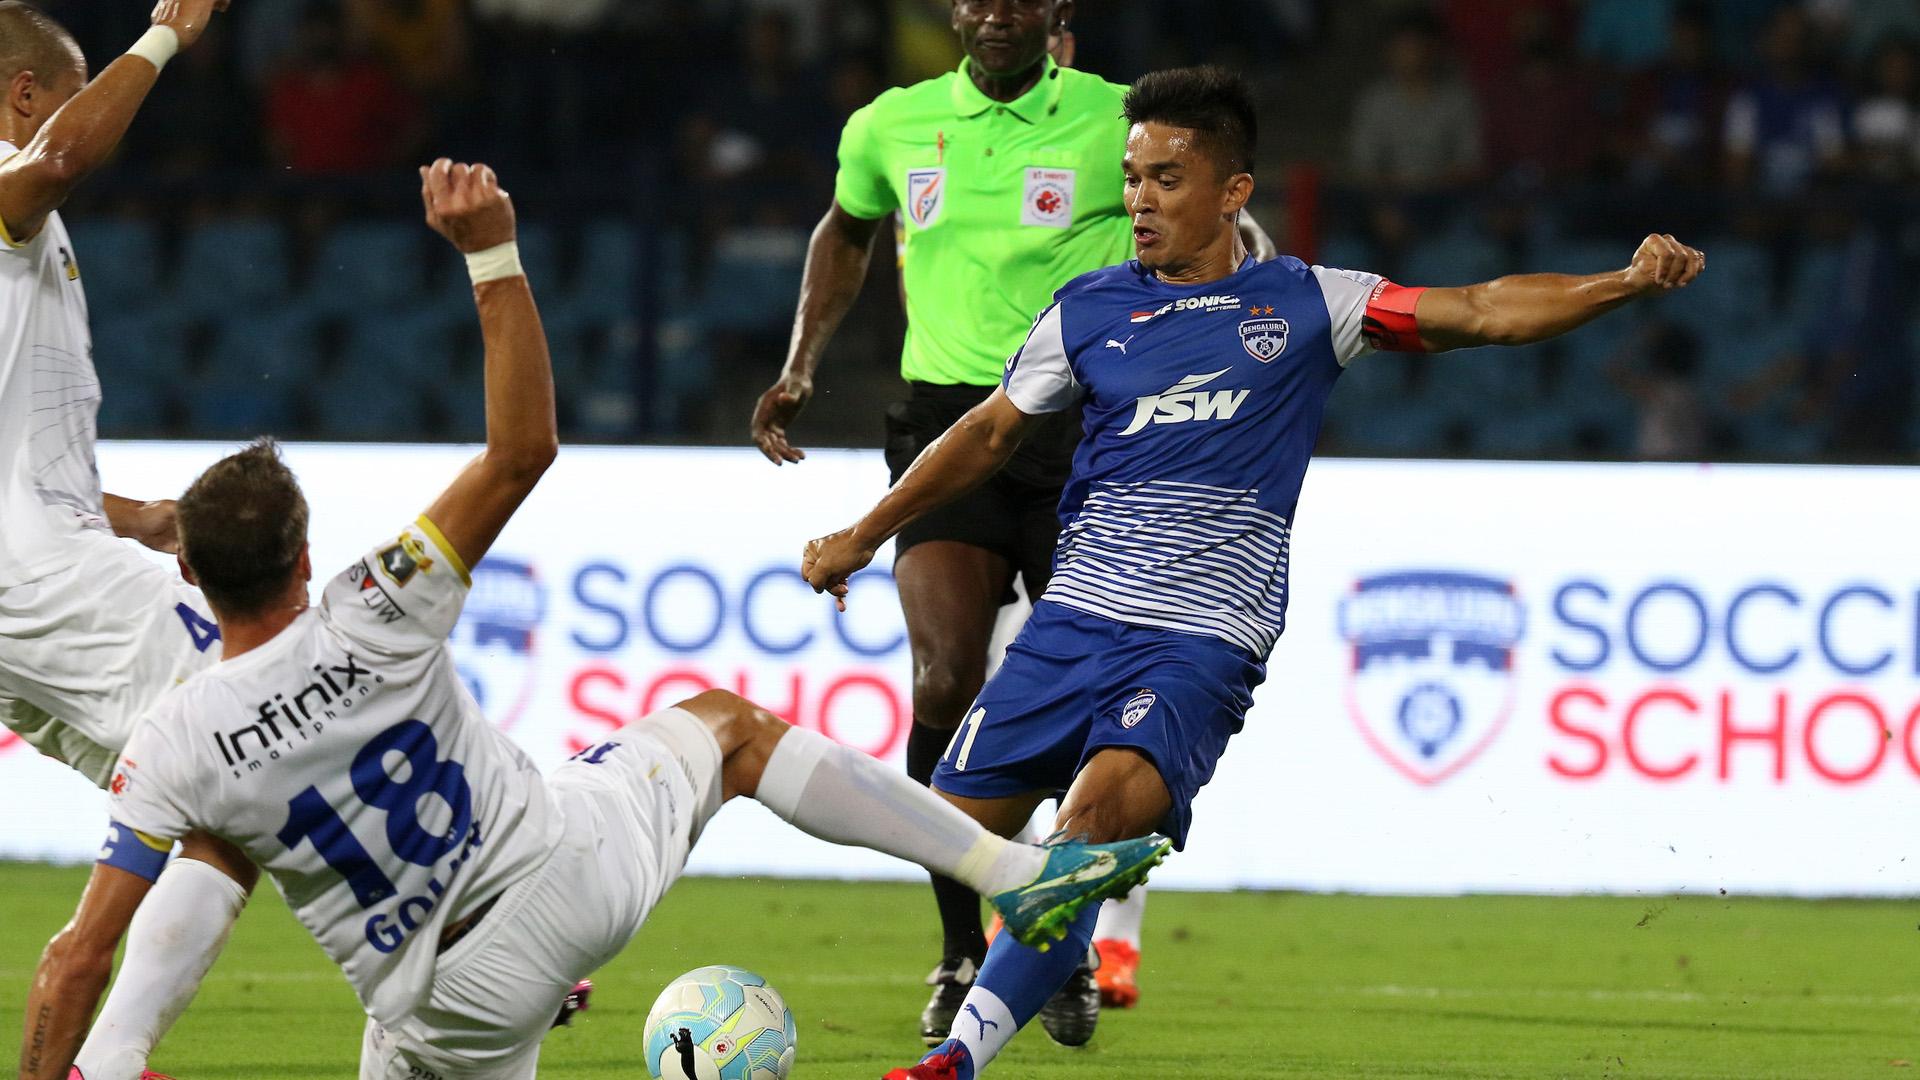 Sunil Chhetri Bengaluru FC Mumbai FC ISL season 4 2017/2018